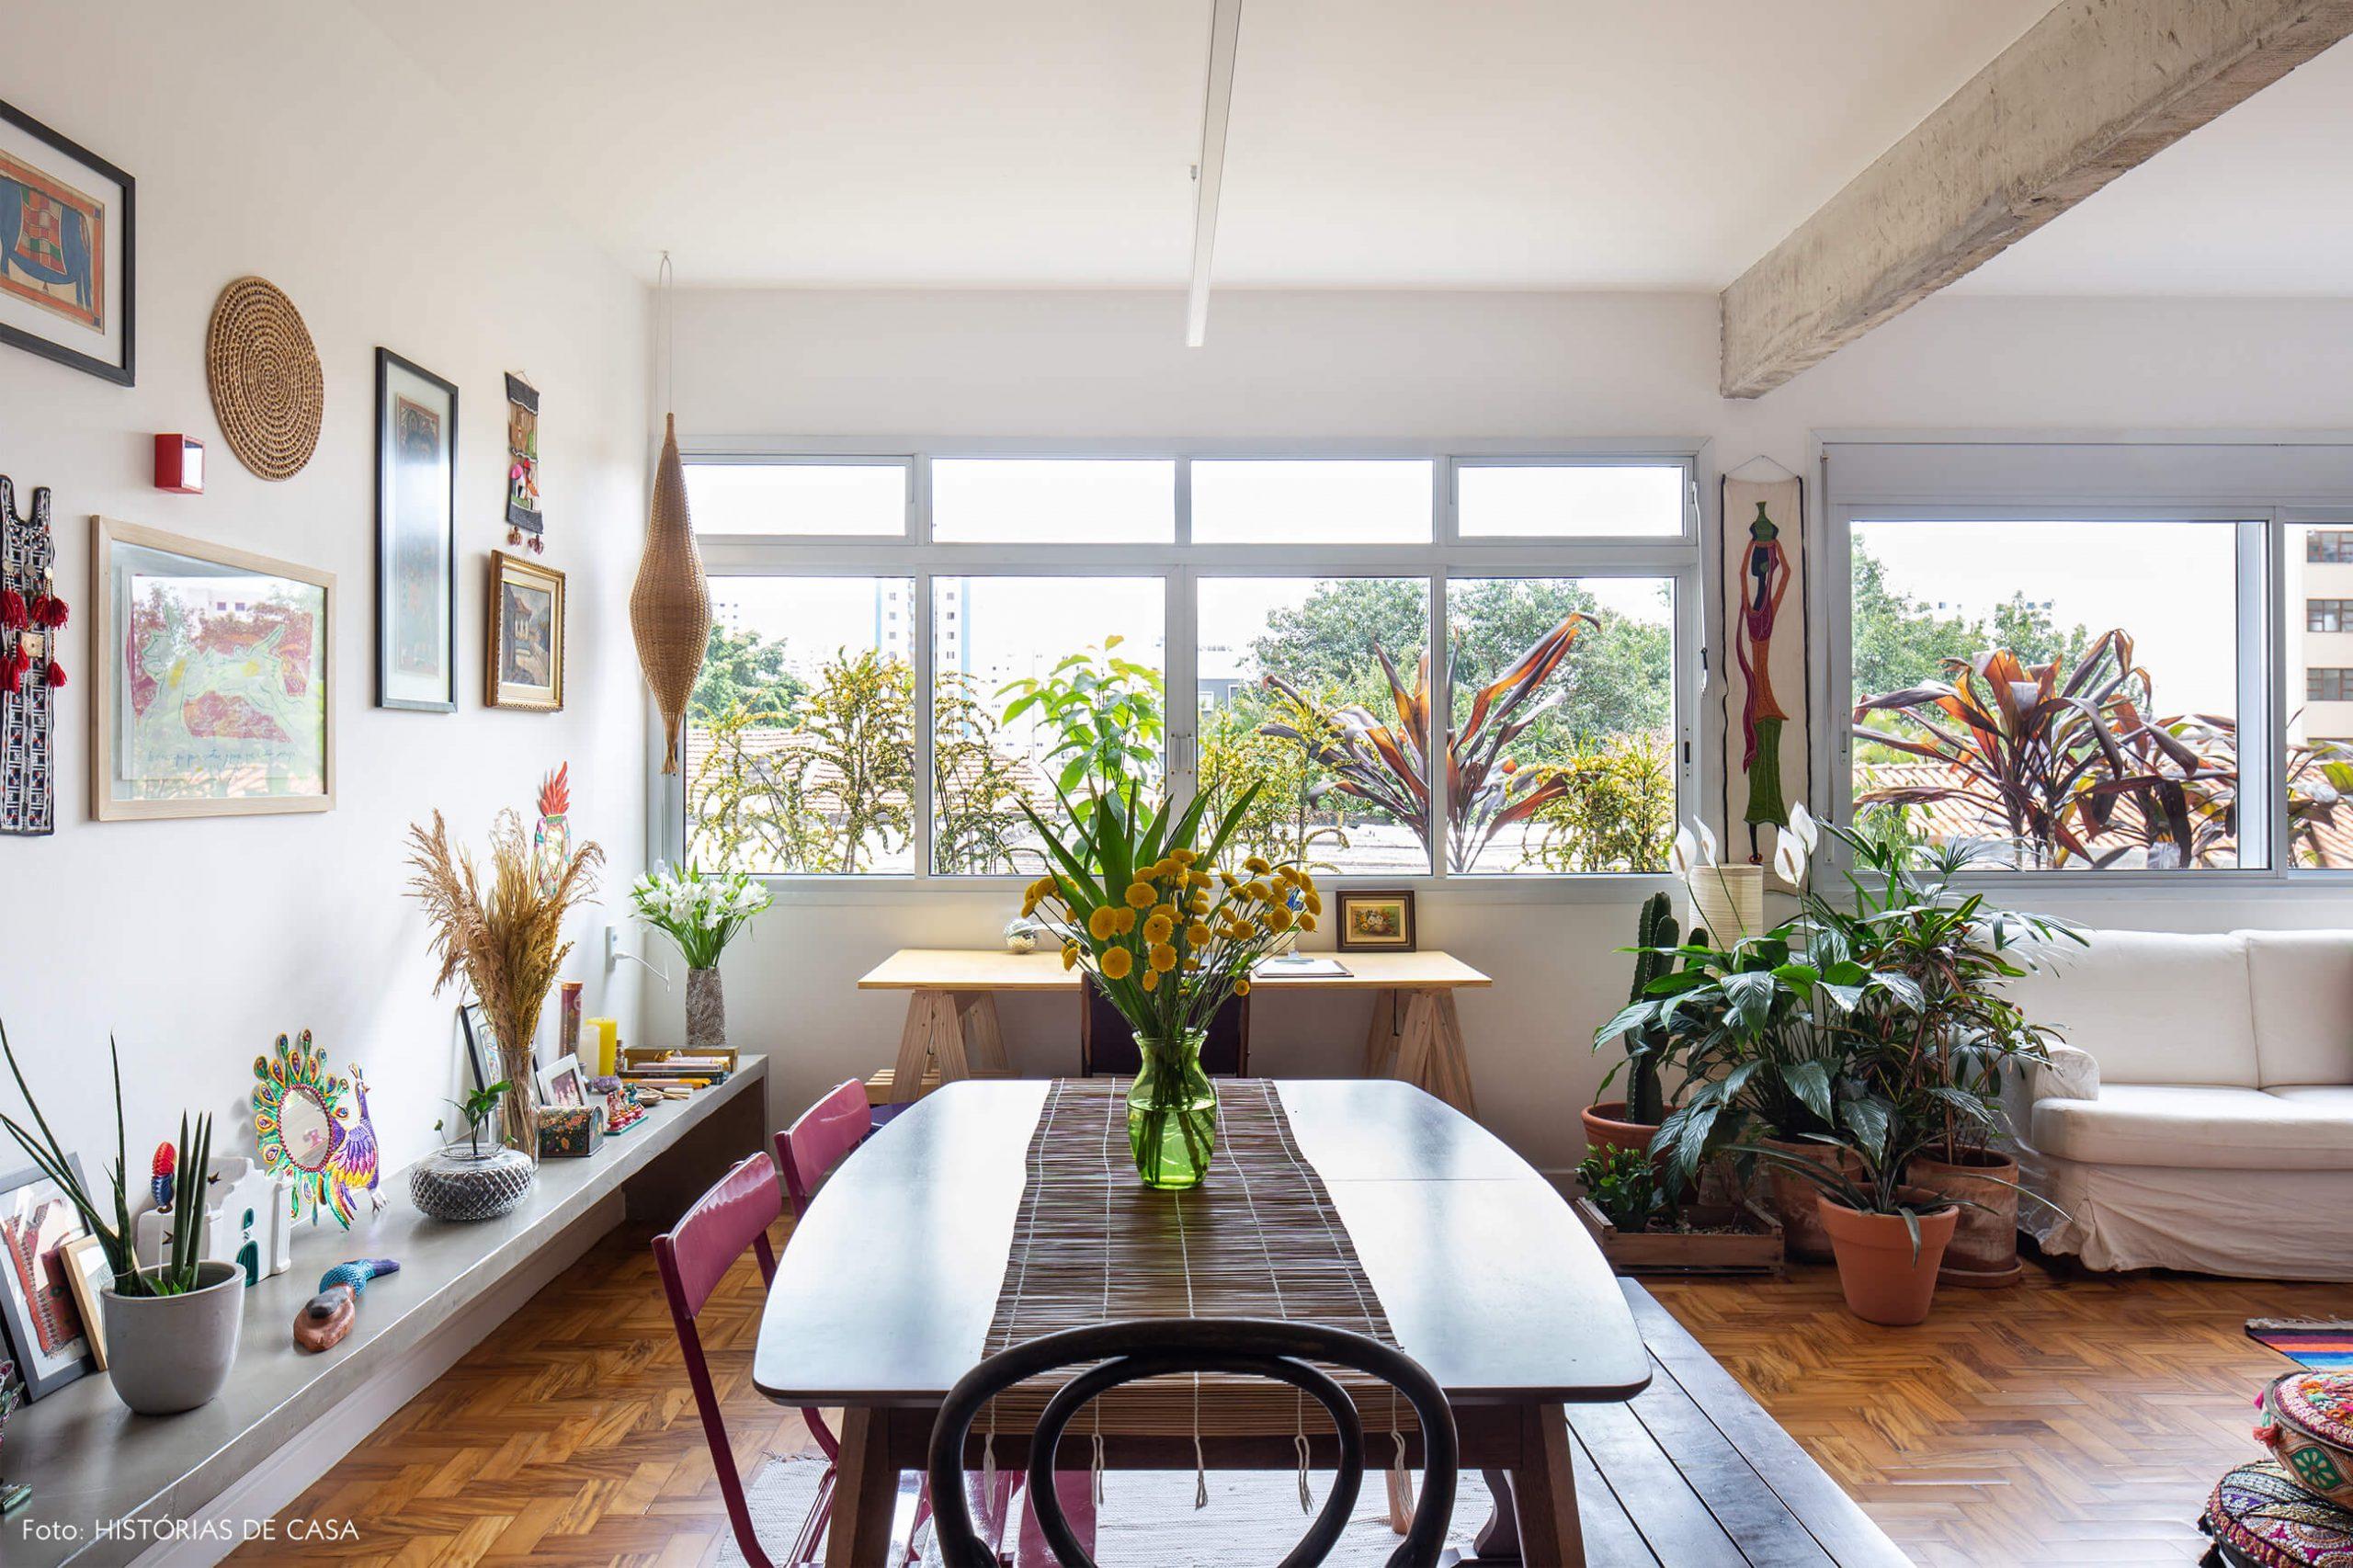 decoração sala jantar com mesa de madeira cadeiras rosas e banco de concreto